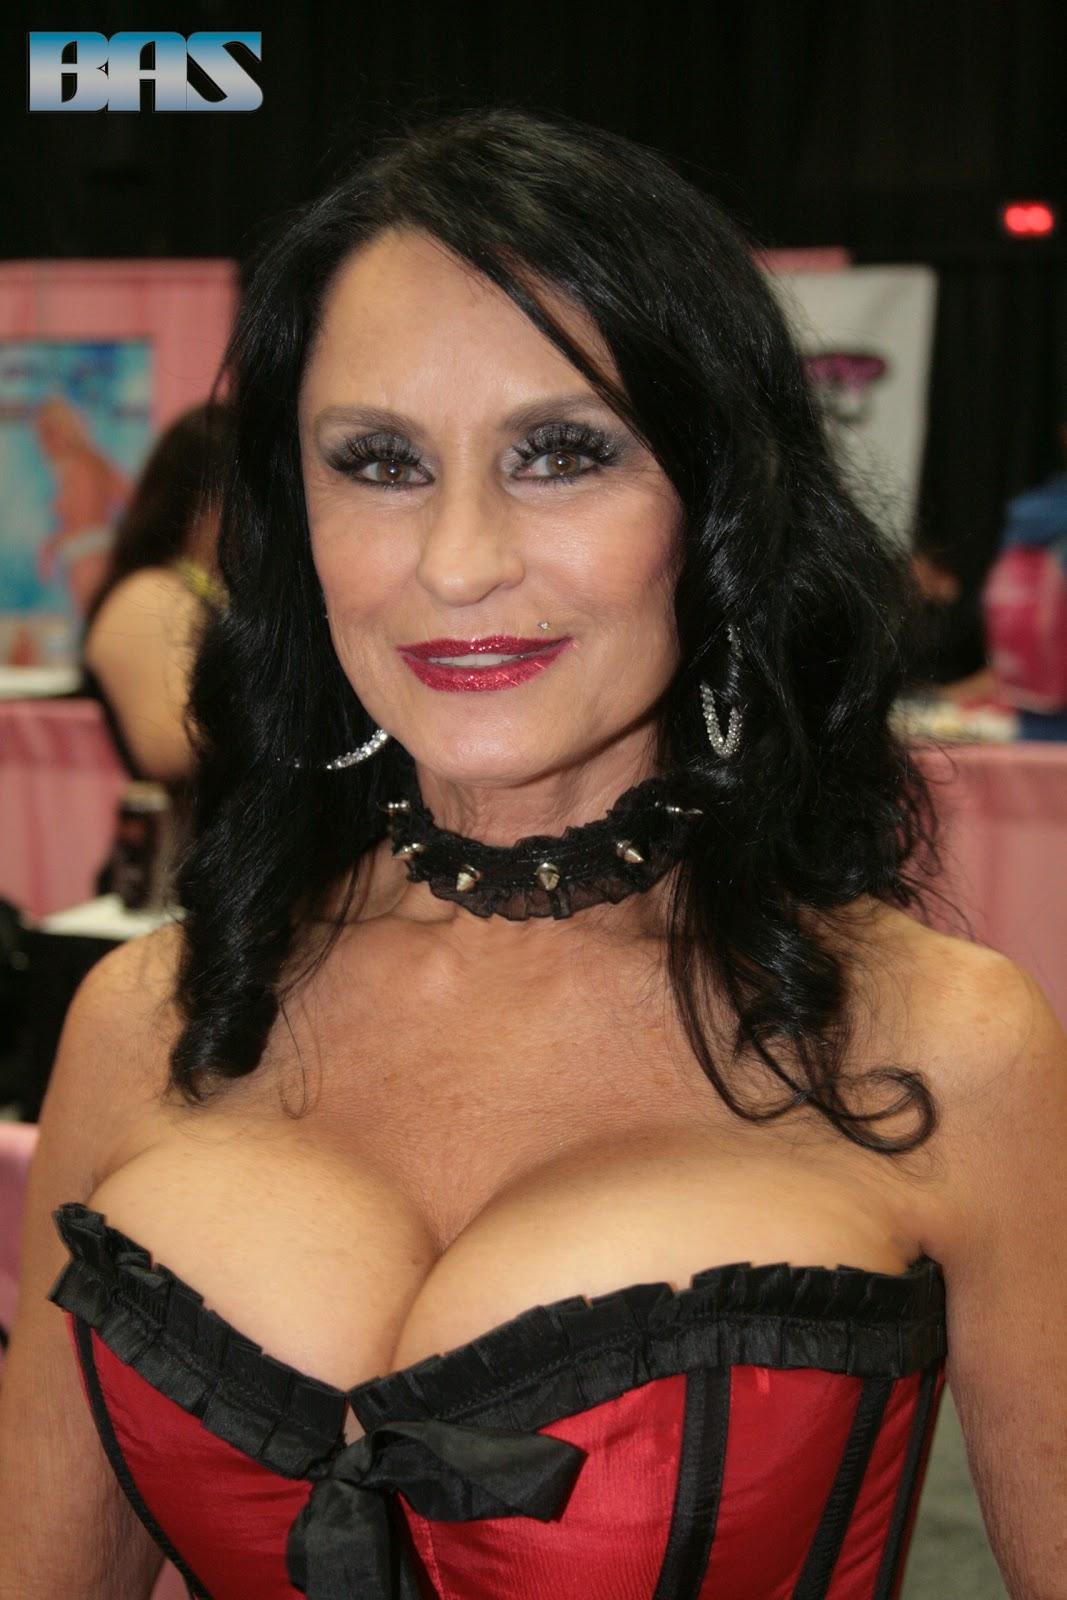 Top grannt pornstar rita daniels life